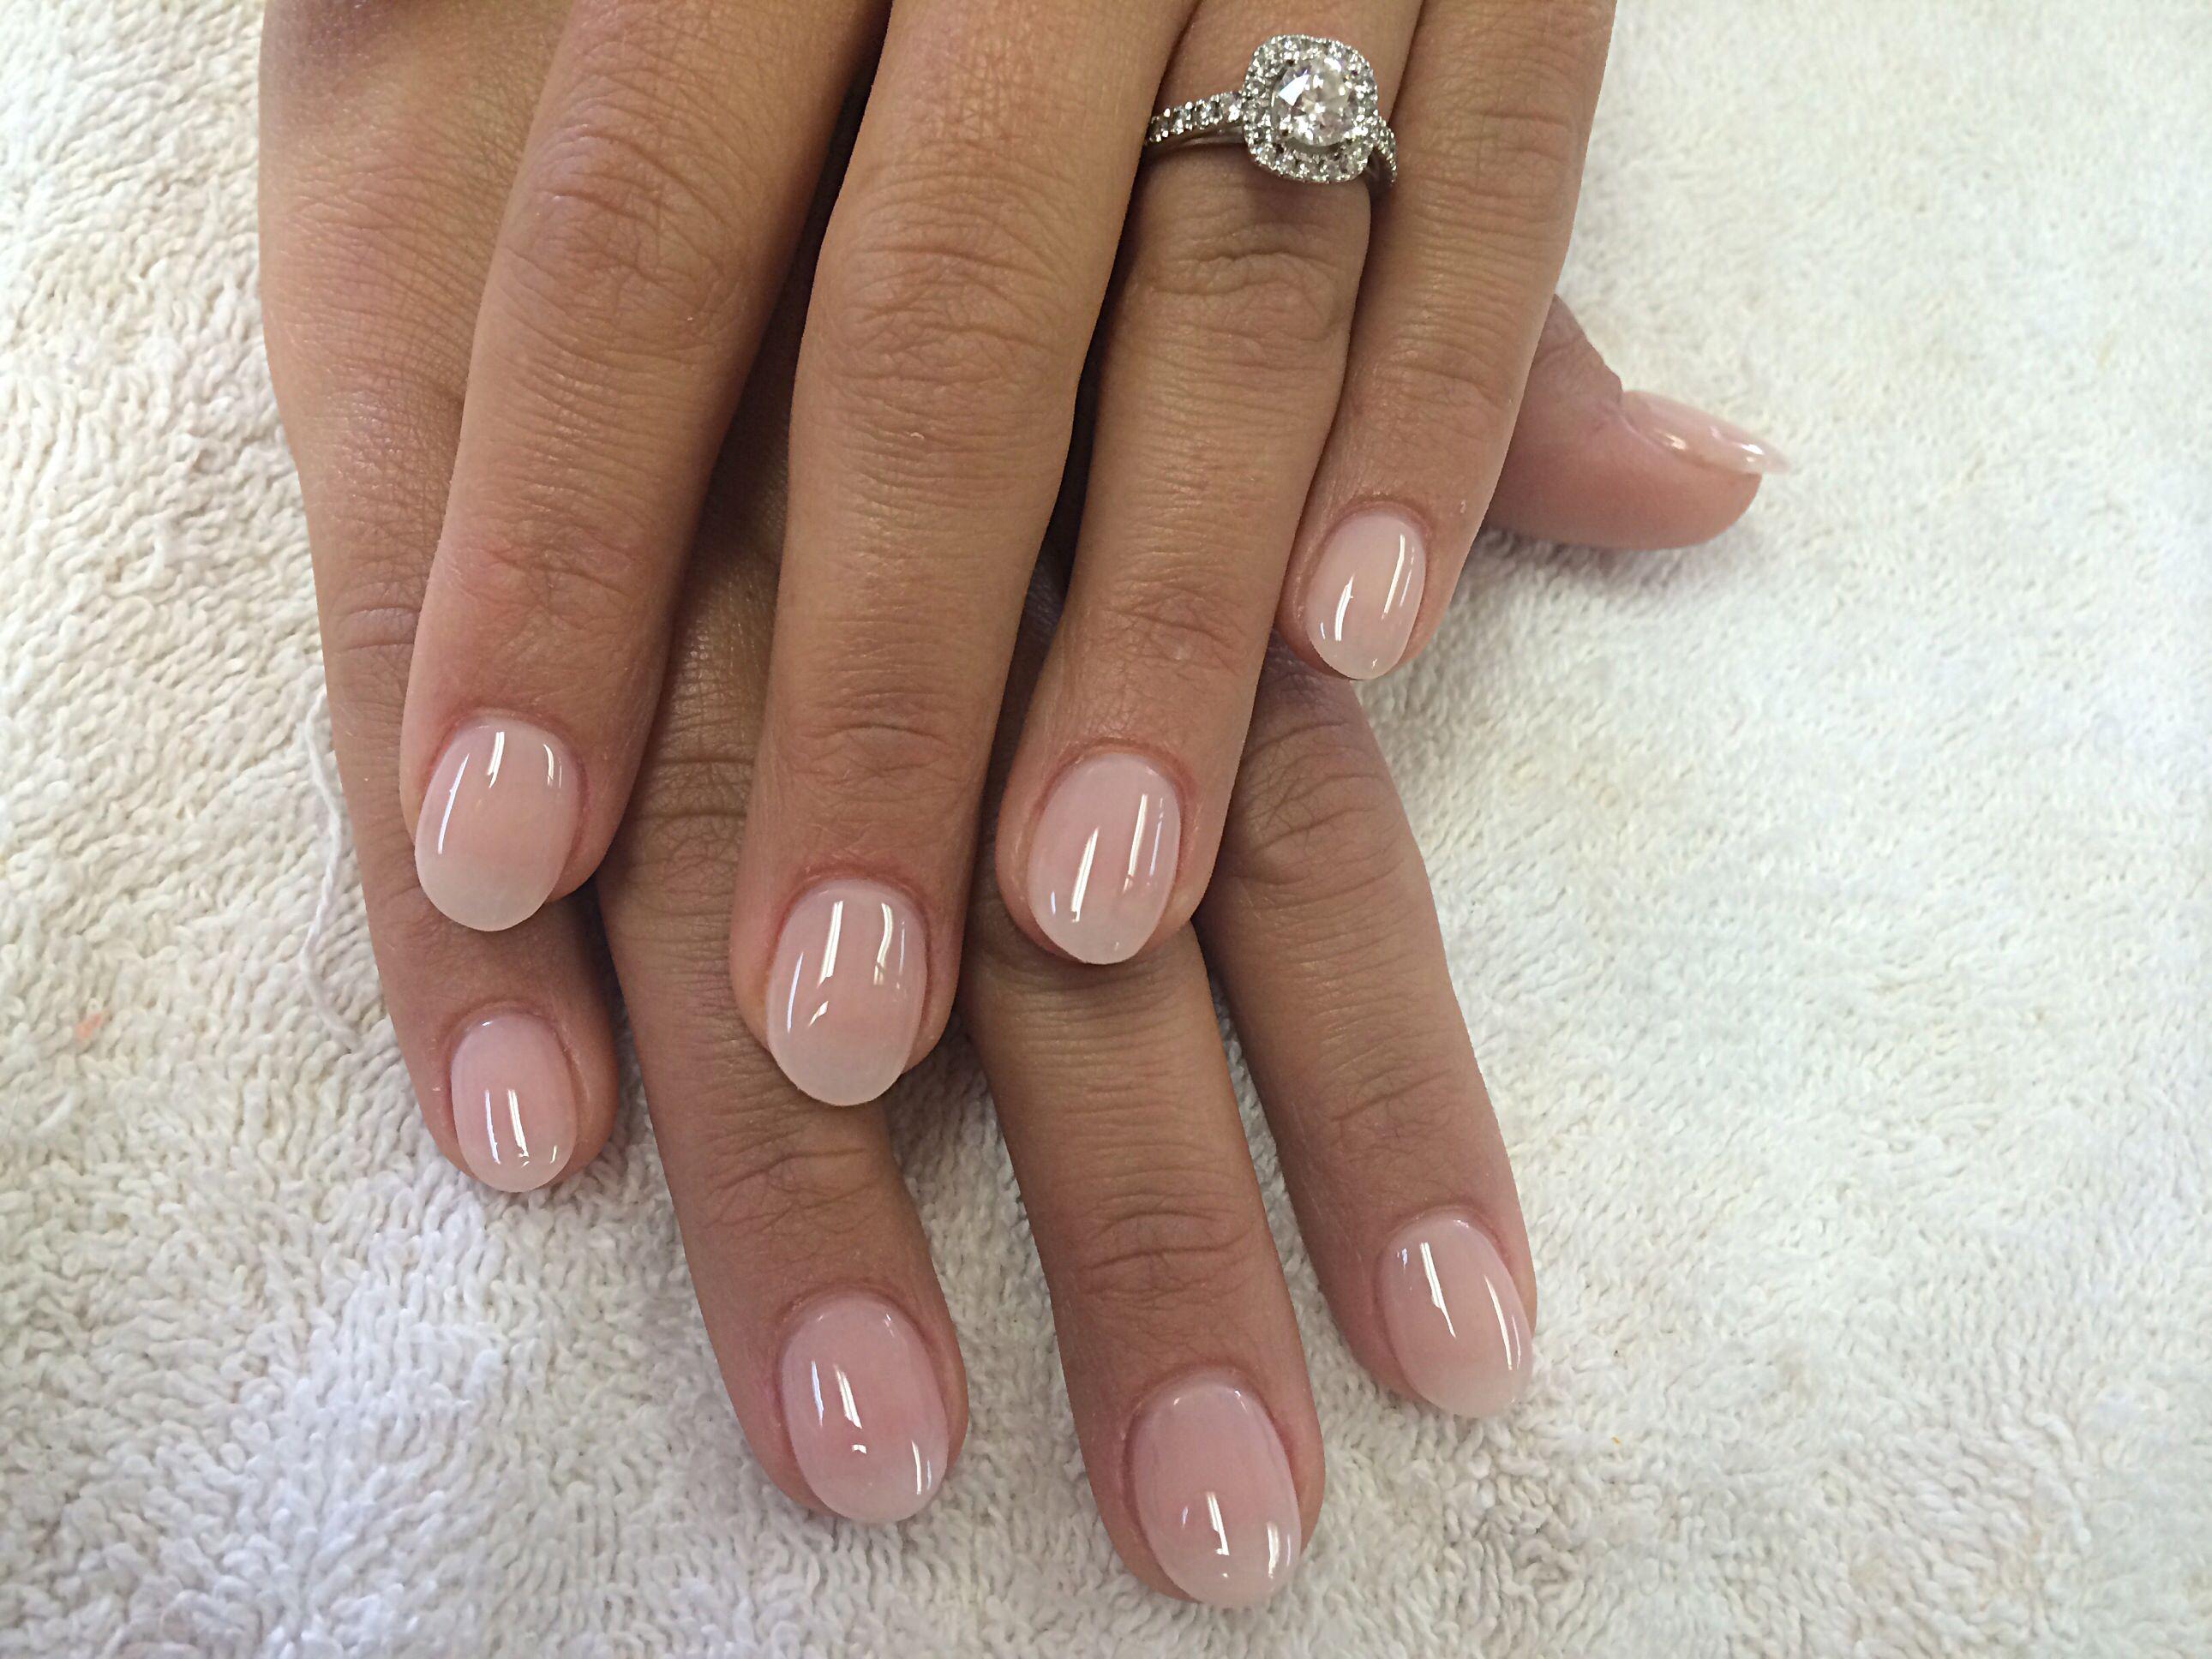 Natural acrylic nails | My nail work | Pinterest | Natural acrylic ...